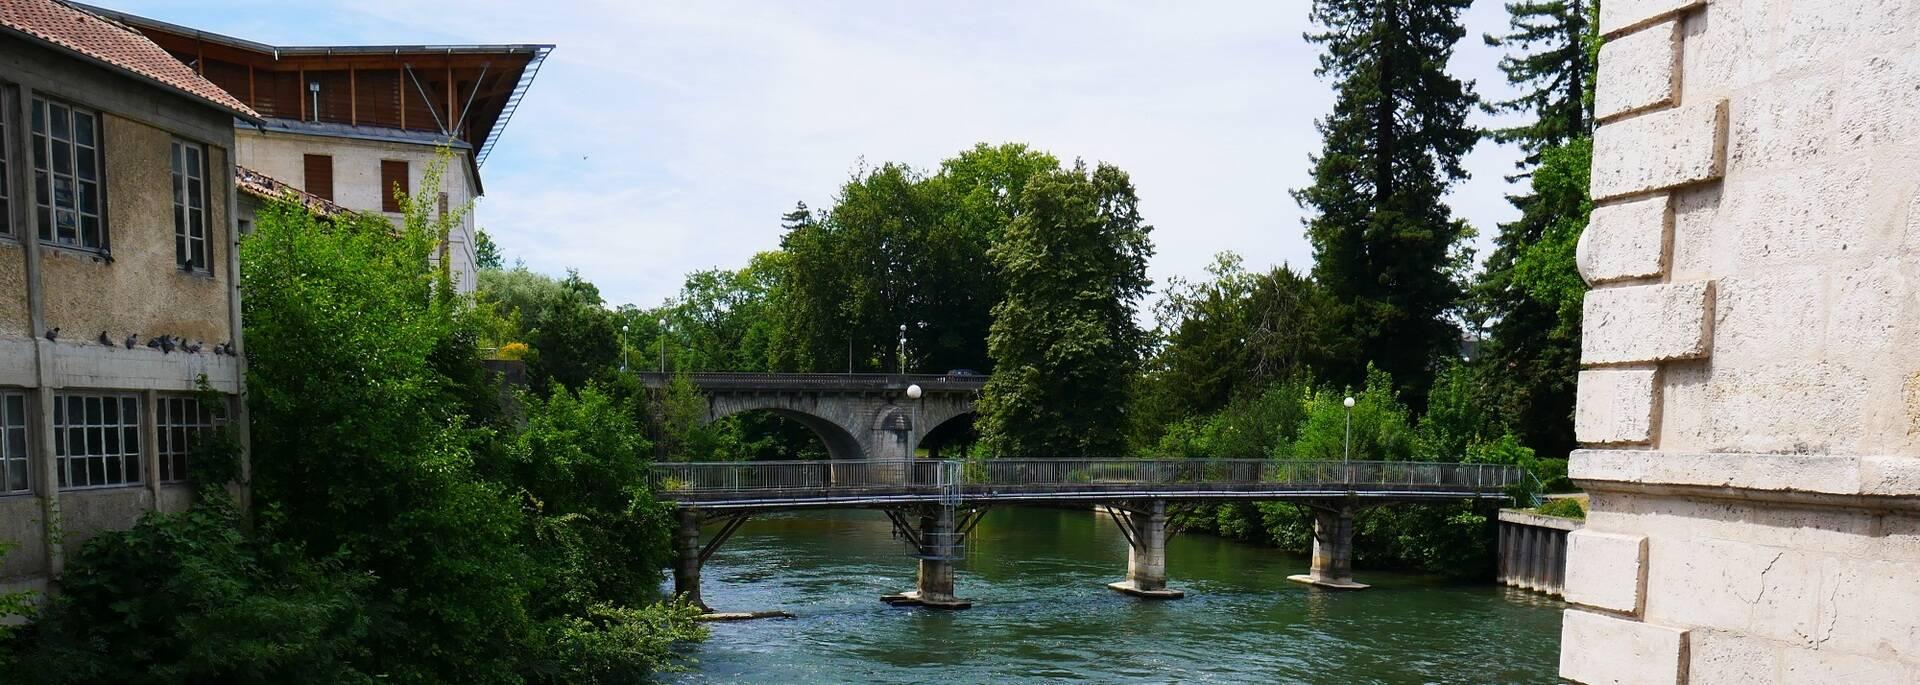 Vue sur la Charente depuis le musée du papier - ©P.Migaud / FDHPA17